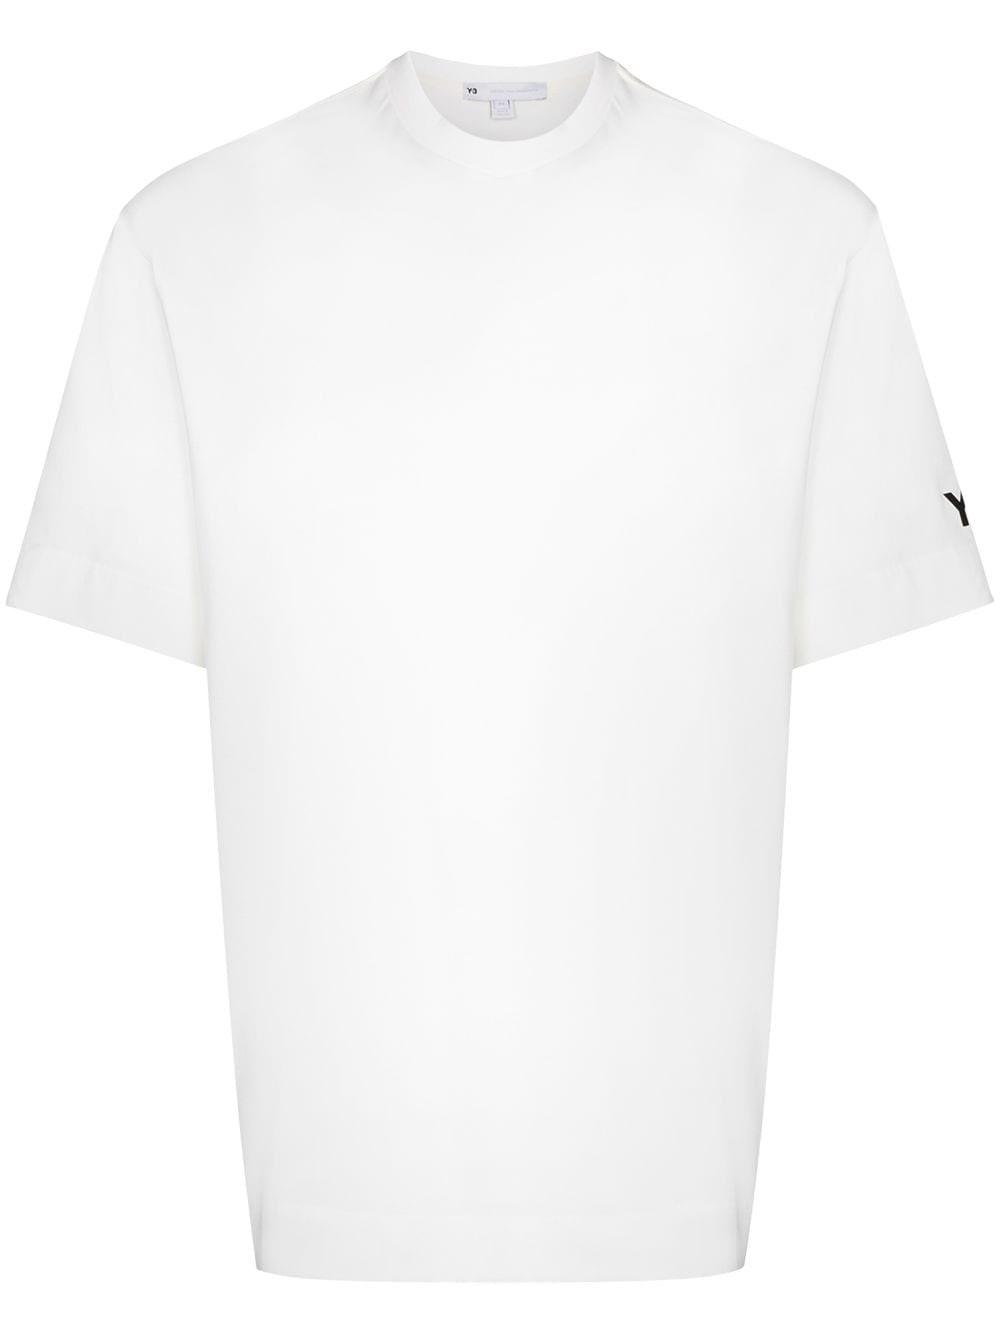 ADIDAS Y-3 White Oversize T-Shirt